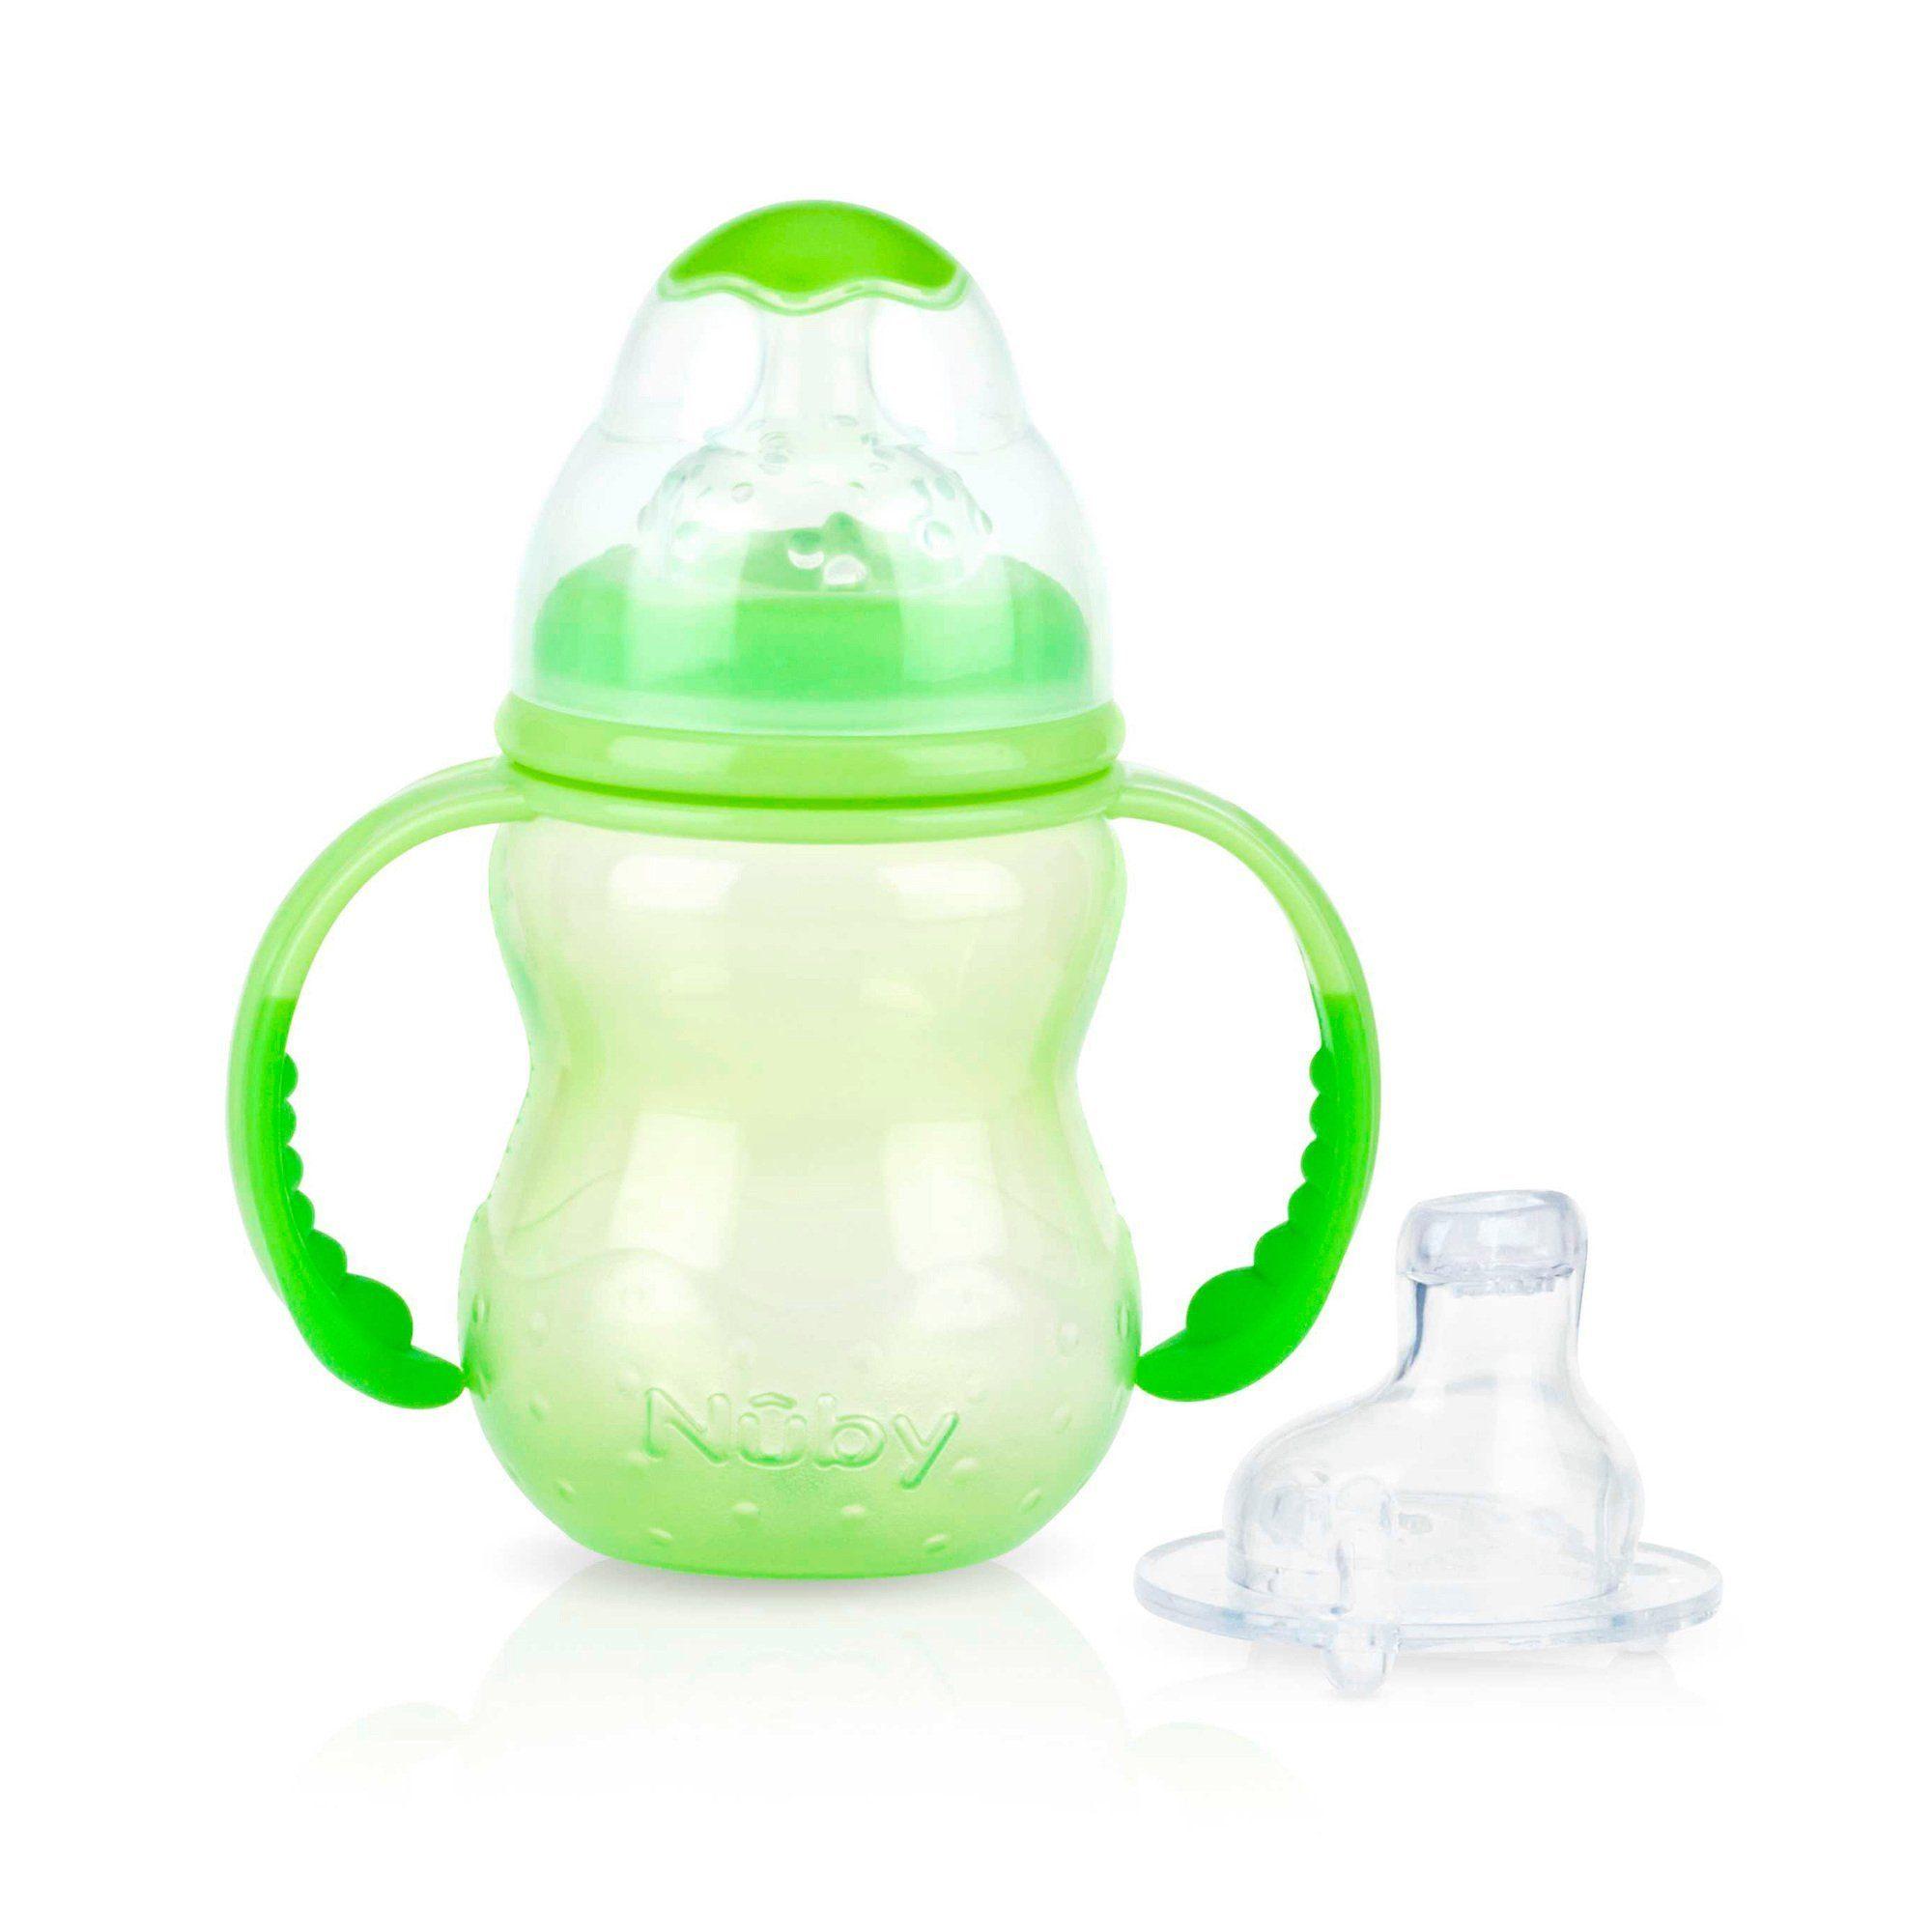 NÛBY Trinklernflasche Starter Cup 240ml